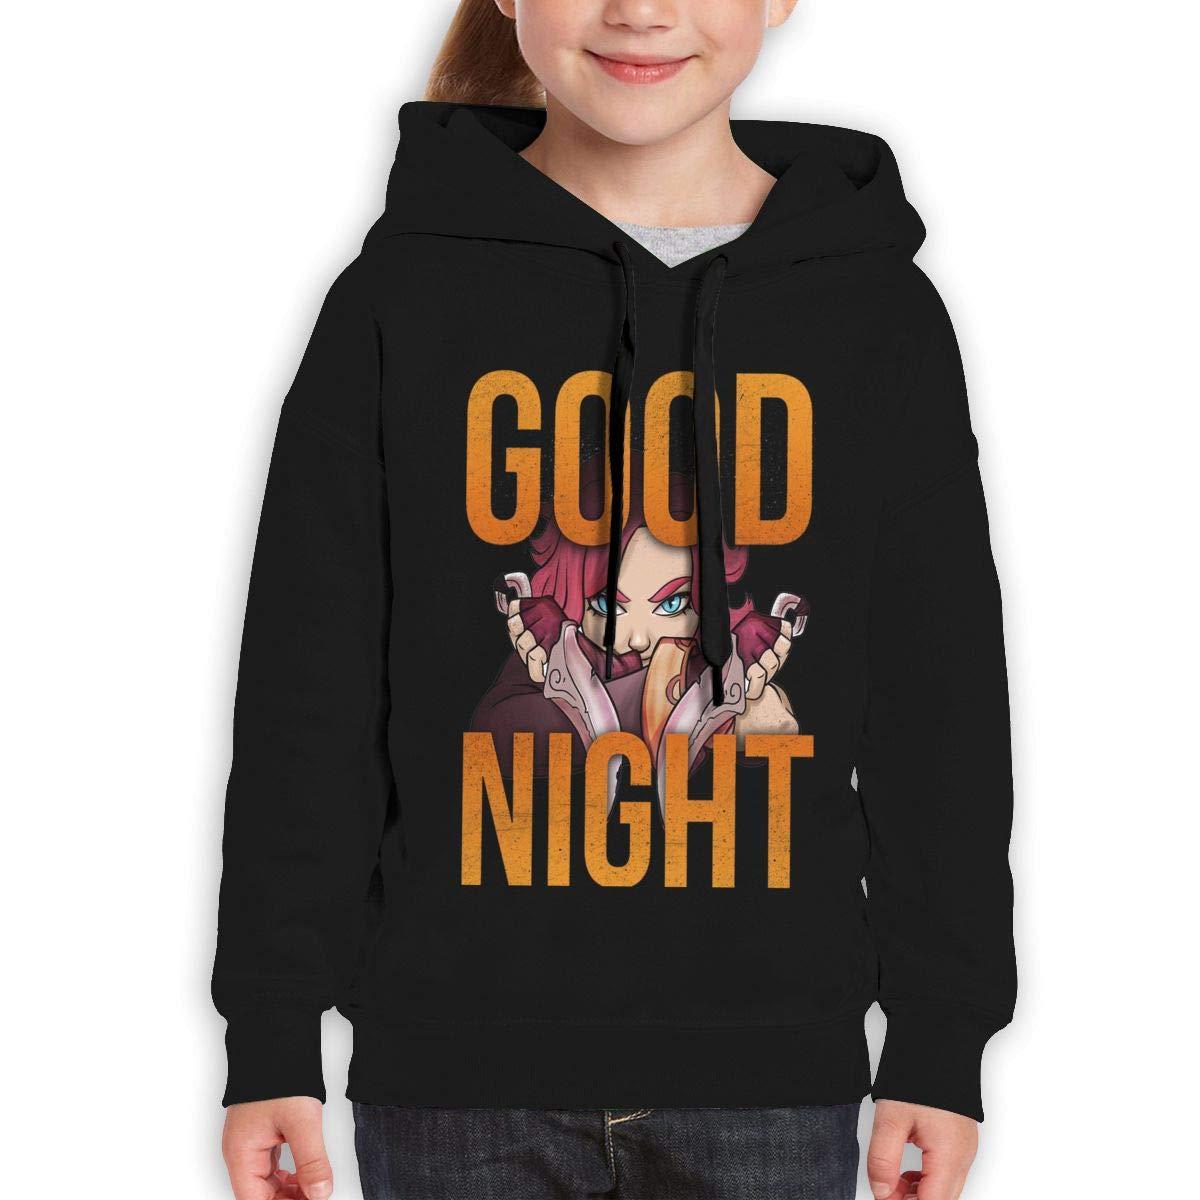 MUPTQWIU Teen Good Night Funny Walk Black Sweater